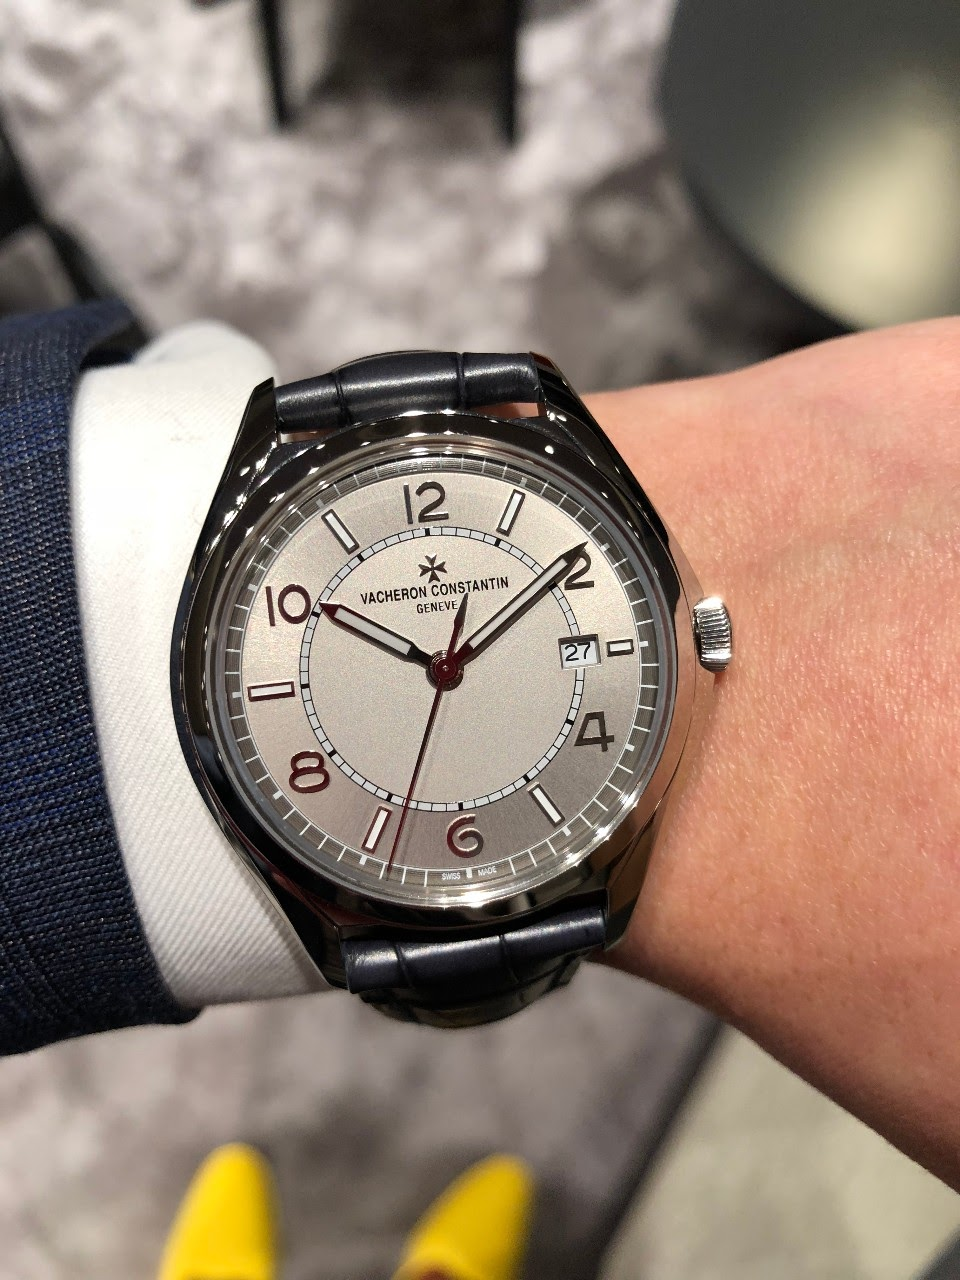 Стоимость часы константин и в стоимость калининграде часа киловатт